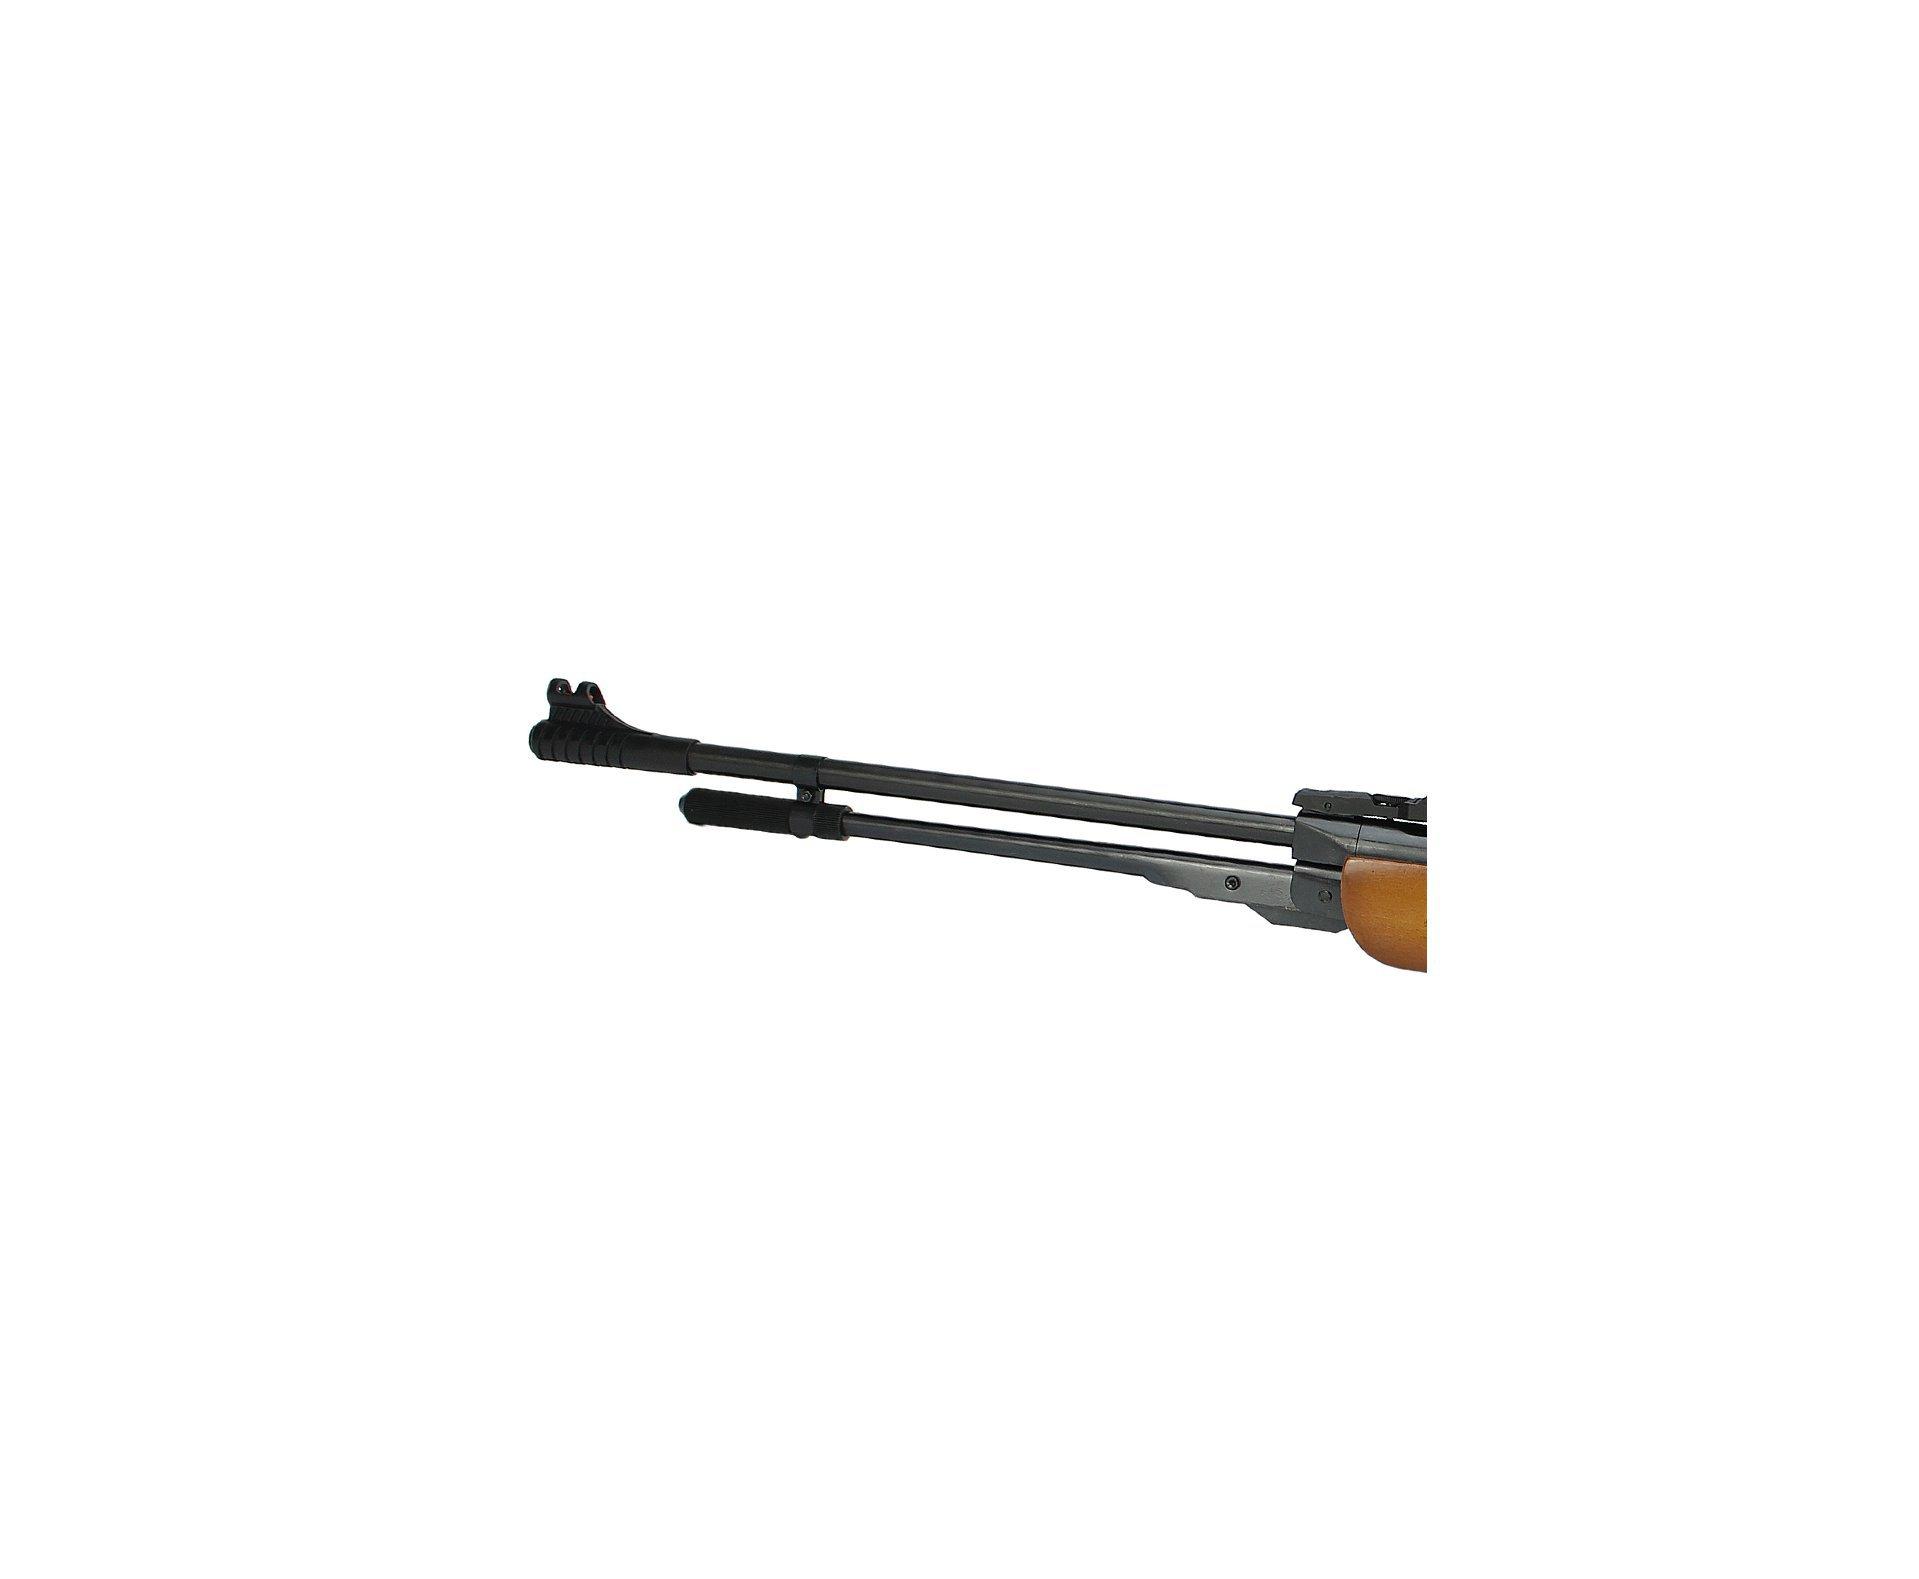 Carabina De Pressão Spring West Madeira Cal 5.5mm - Fixxar